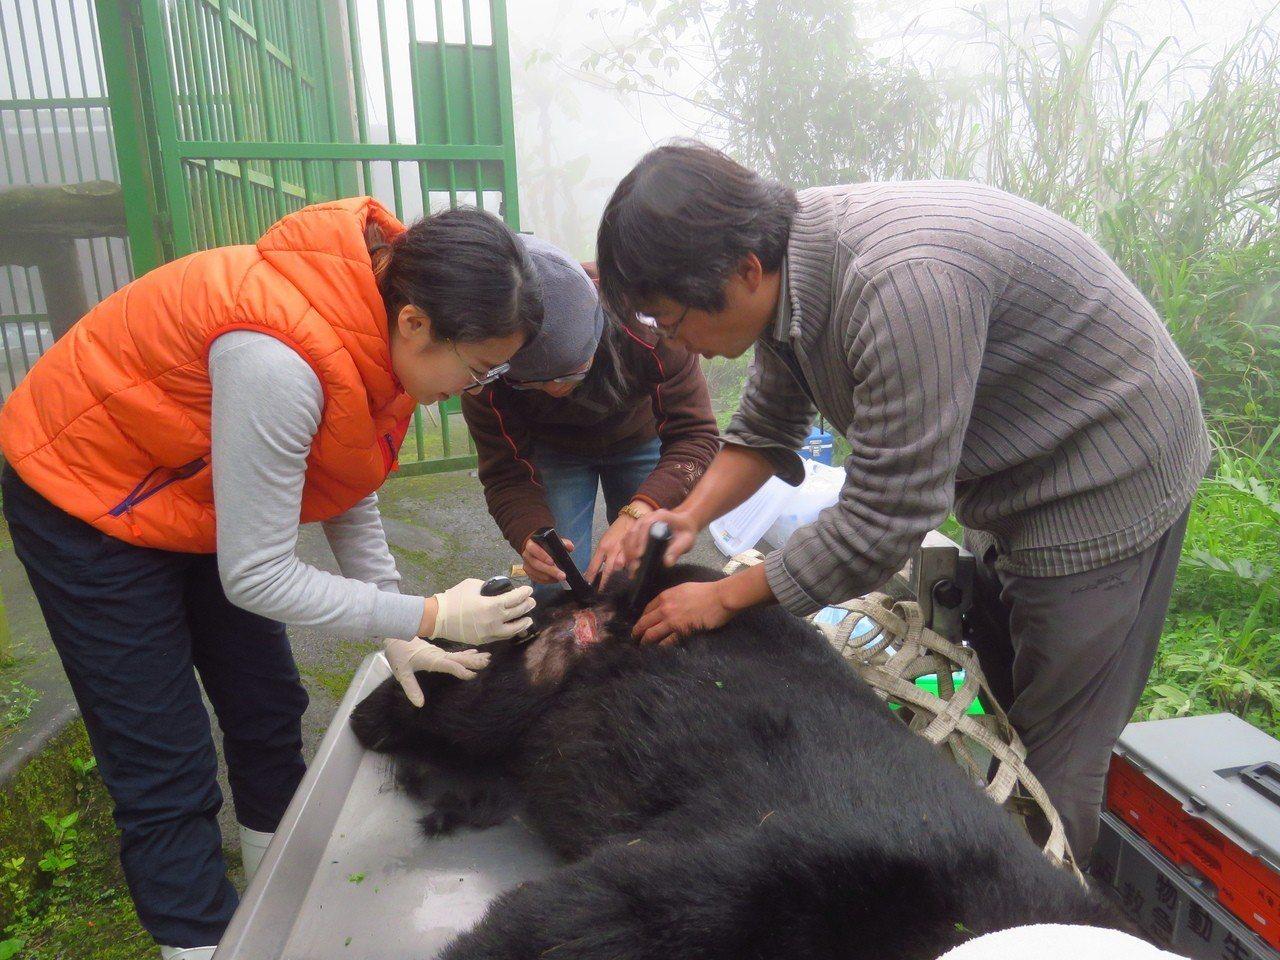 特生中心研究人員,透過下指令的方式,在安全的狀況下幫黑熊進行肌肉注射、抽血及麻醉...